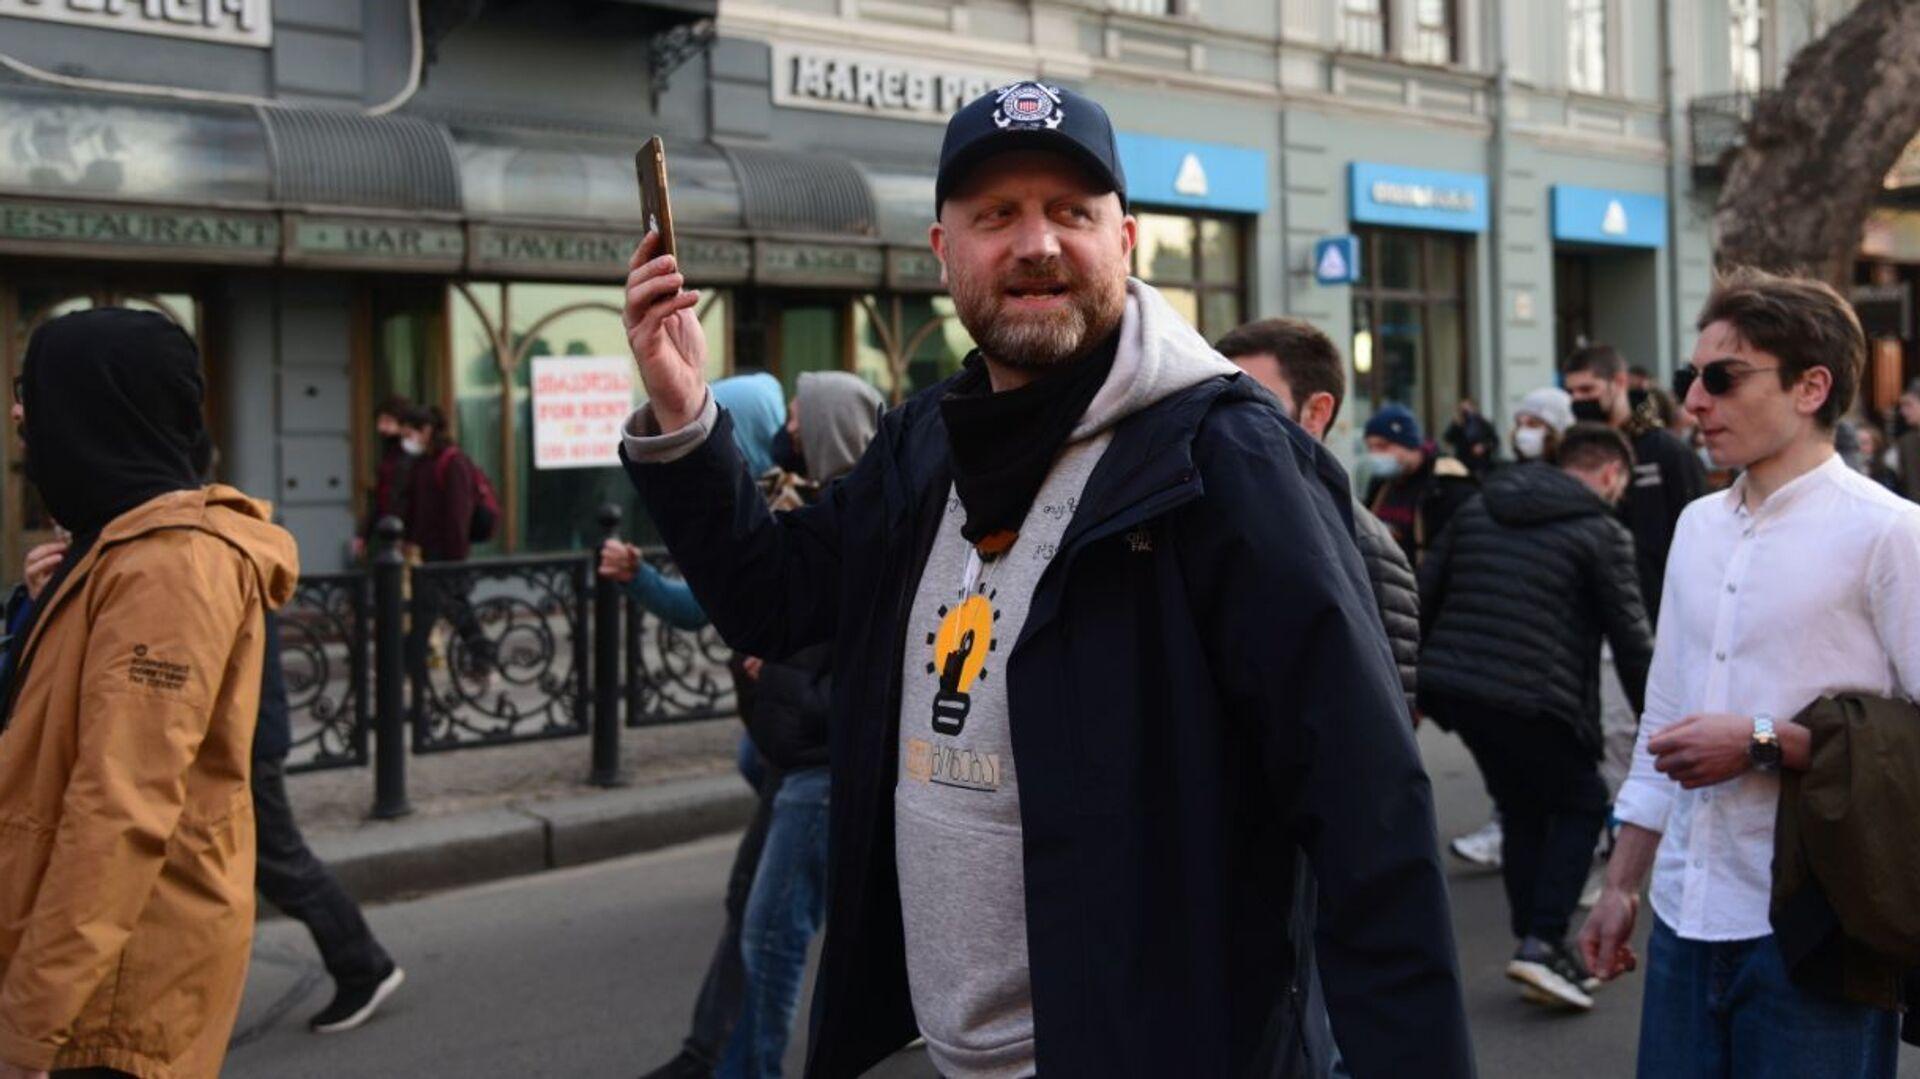 Зураб Джапаридзе. Шествие против комендантского часа и ковид-ограничений в центре столицы Грузии 3 апреля 2021 года - Sputnik Грузия, 1920, 26.09.2021